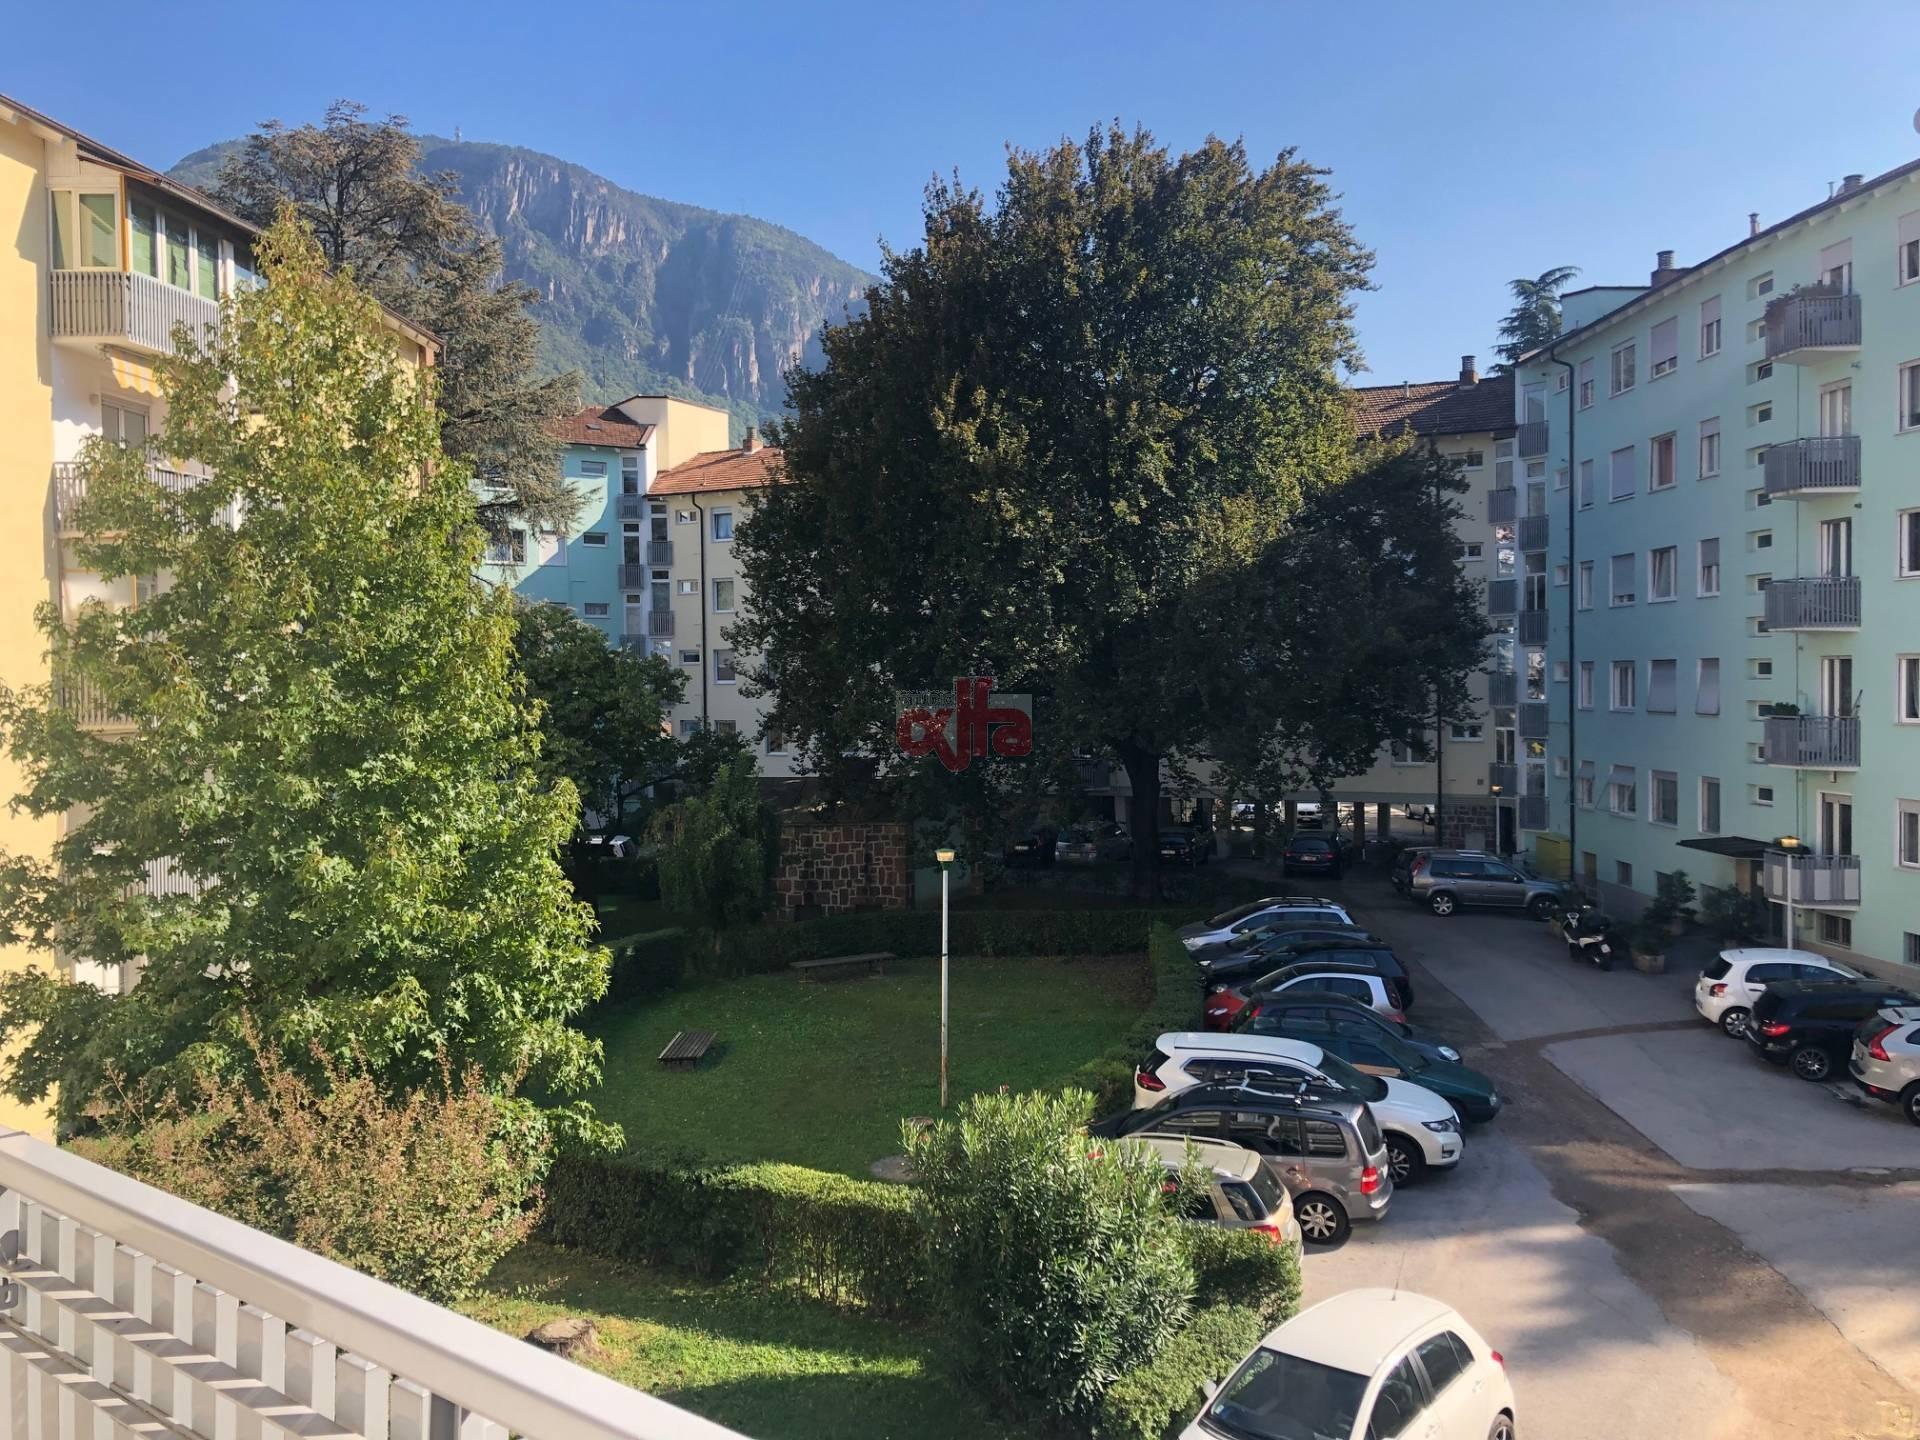 Bolzano - Bozen - Via Parma